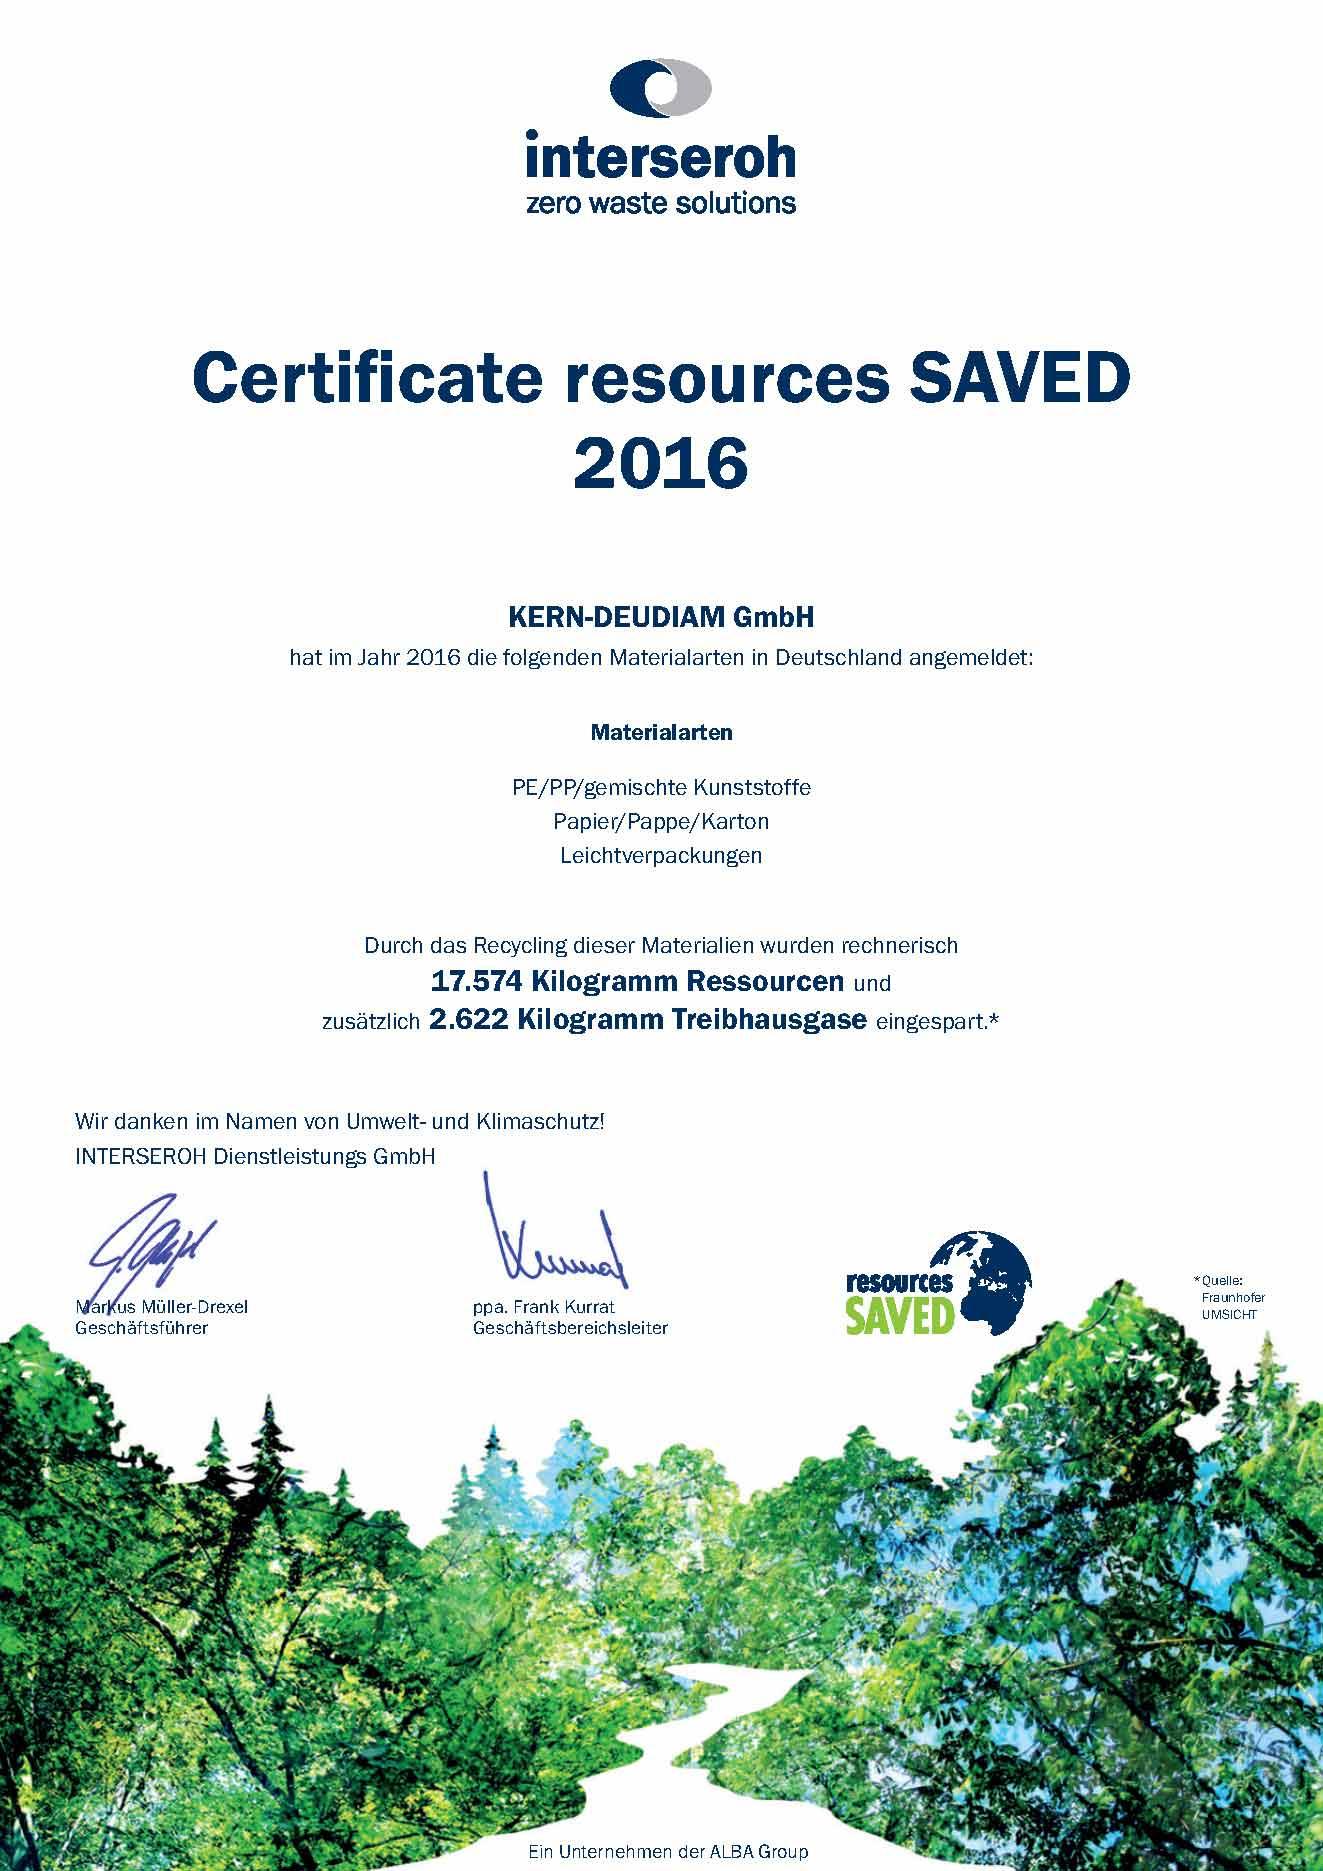 Zertifikat für den Umwelt- und Klimaschutz